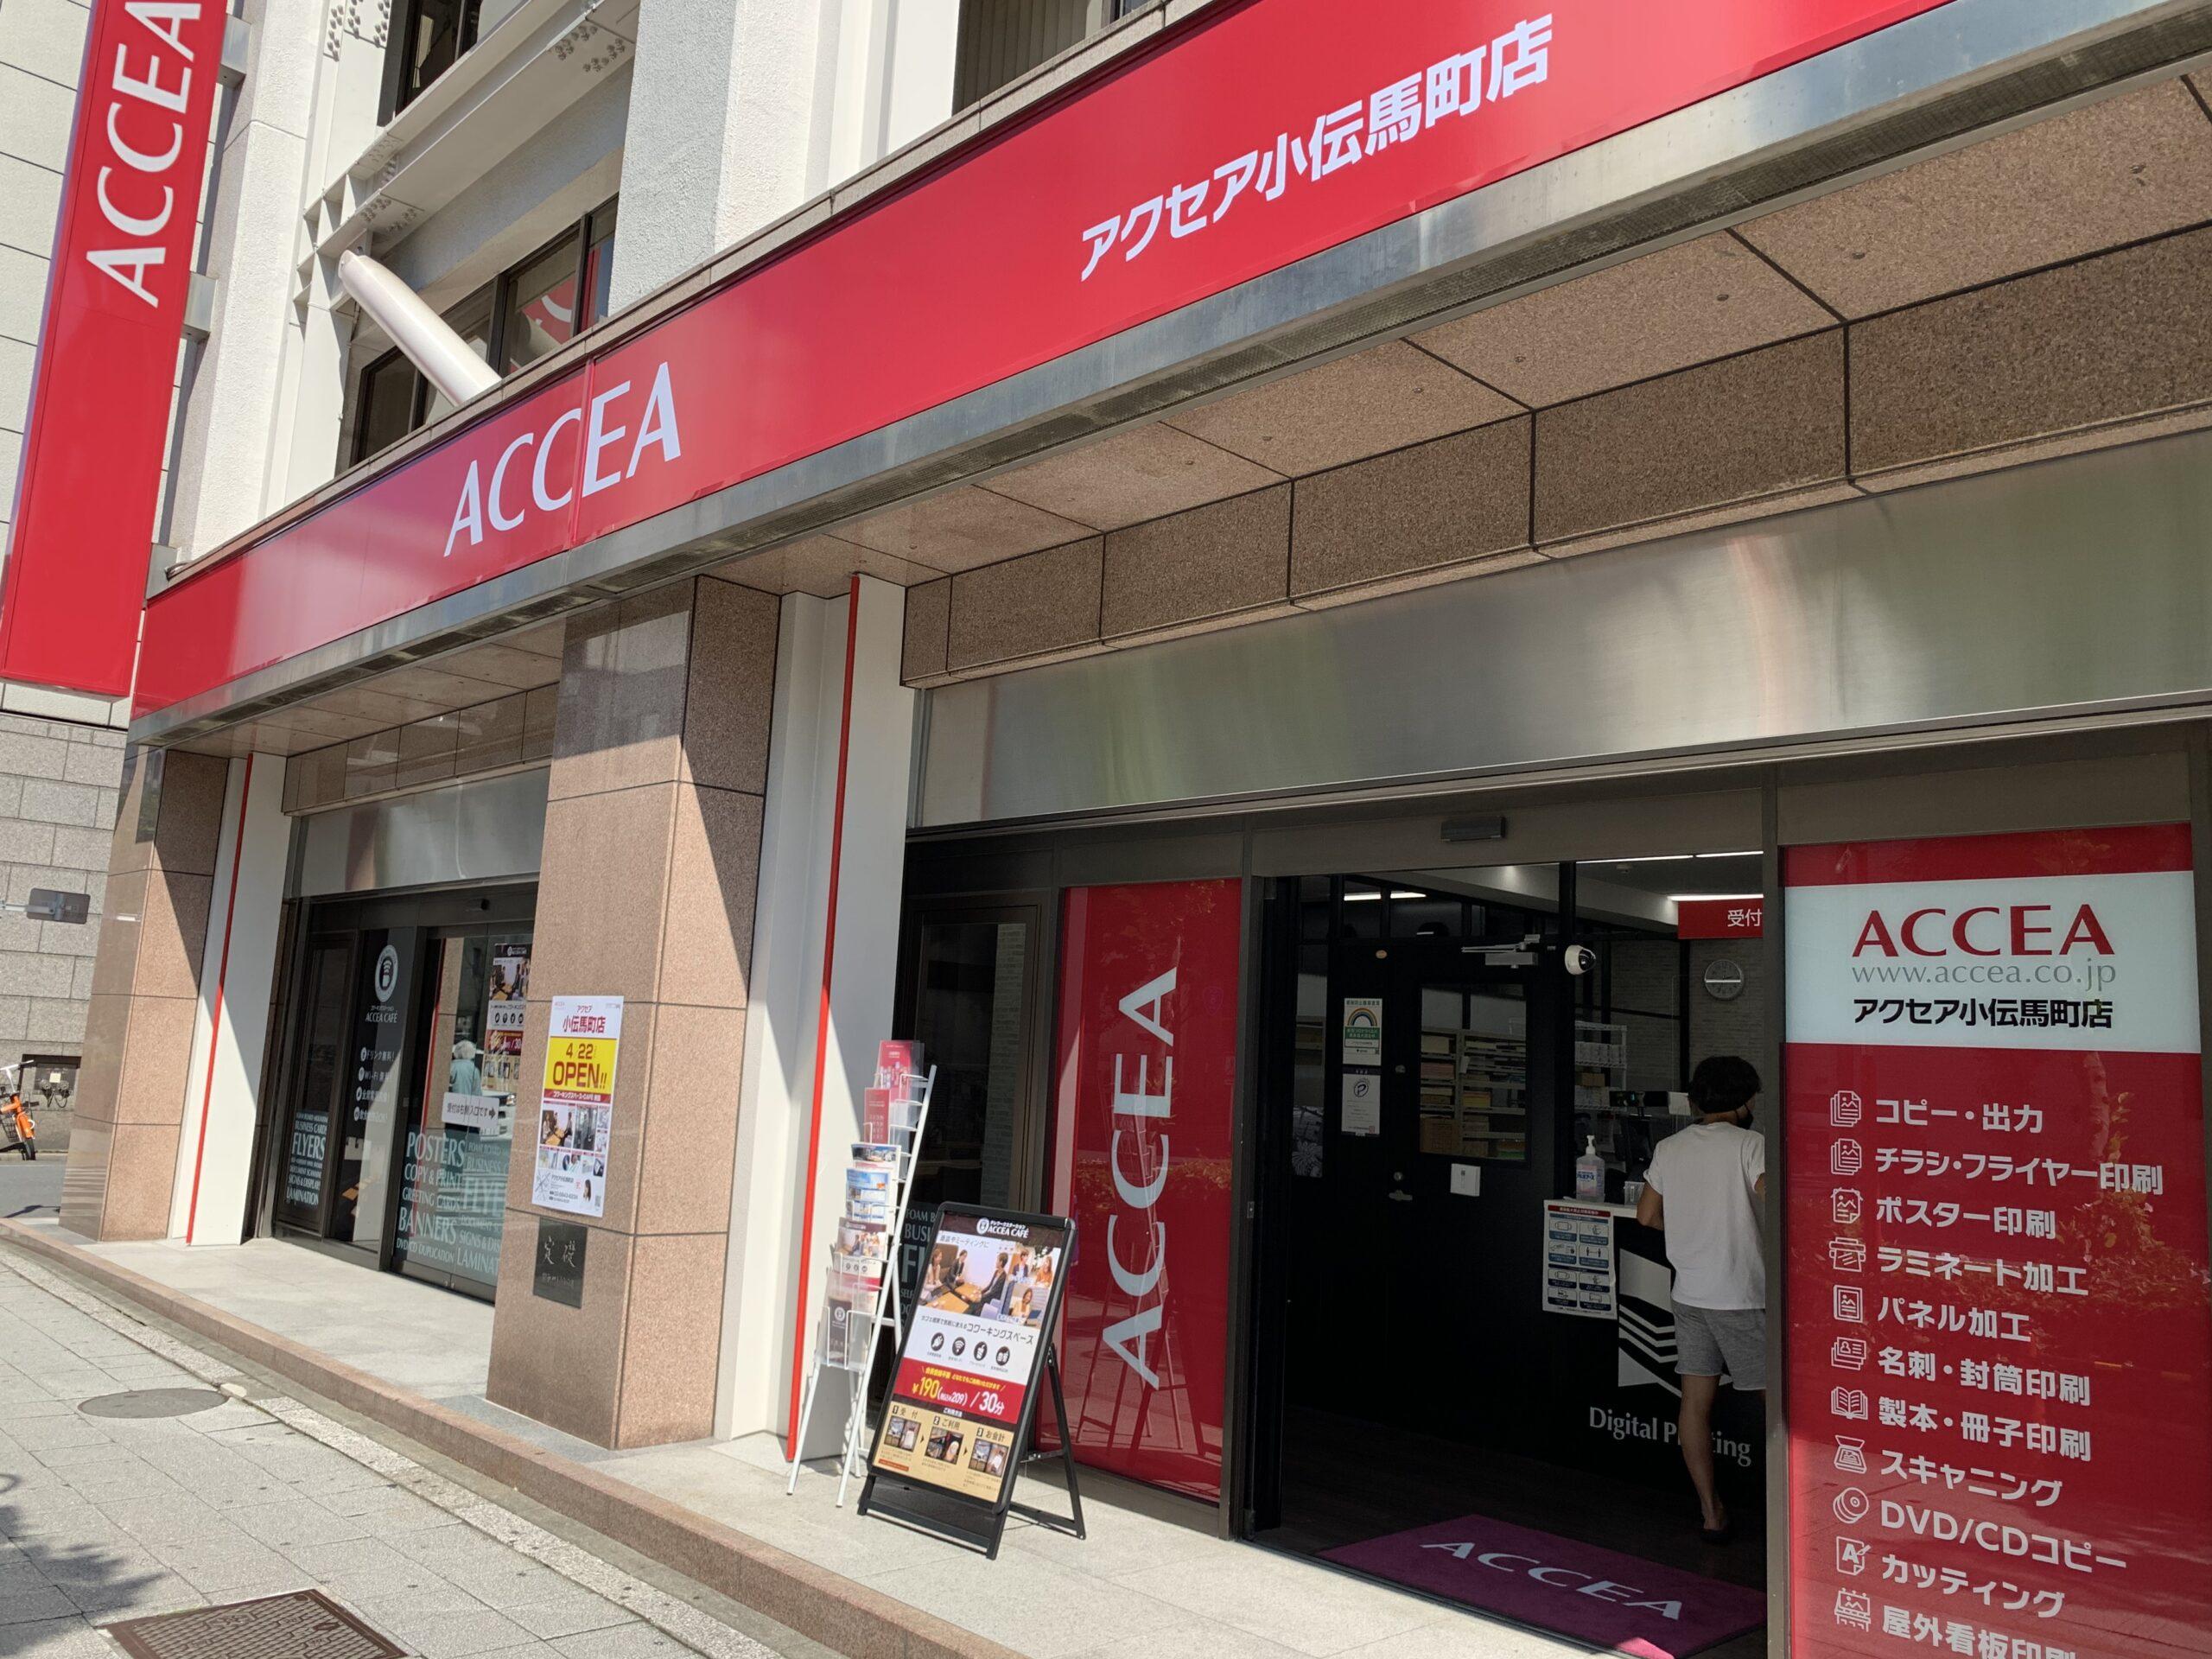 小伝馬町駅1番出口 アクセアカフェ小伝馬町店 Wi-Fi